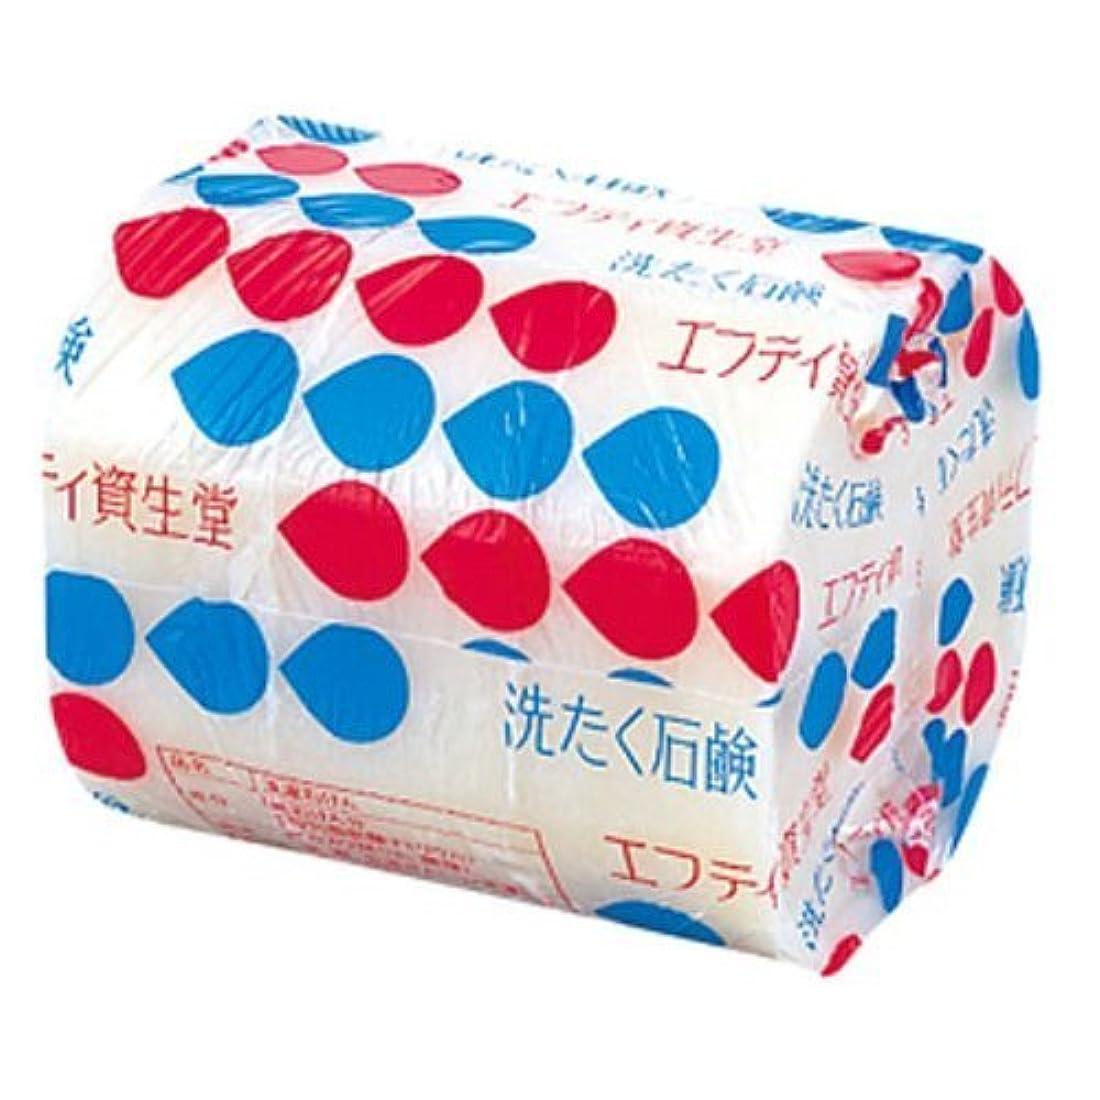 カルシウム回る魅力【資生堂】エフティ資生堂洗たく石鹸花椿型3コパック200g